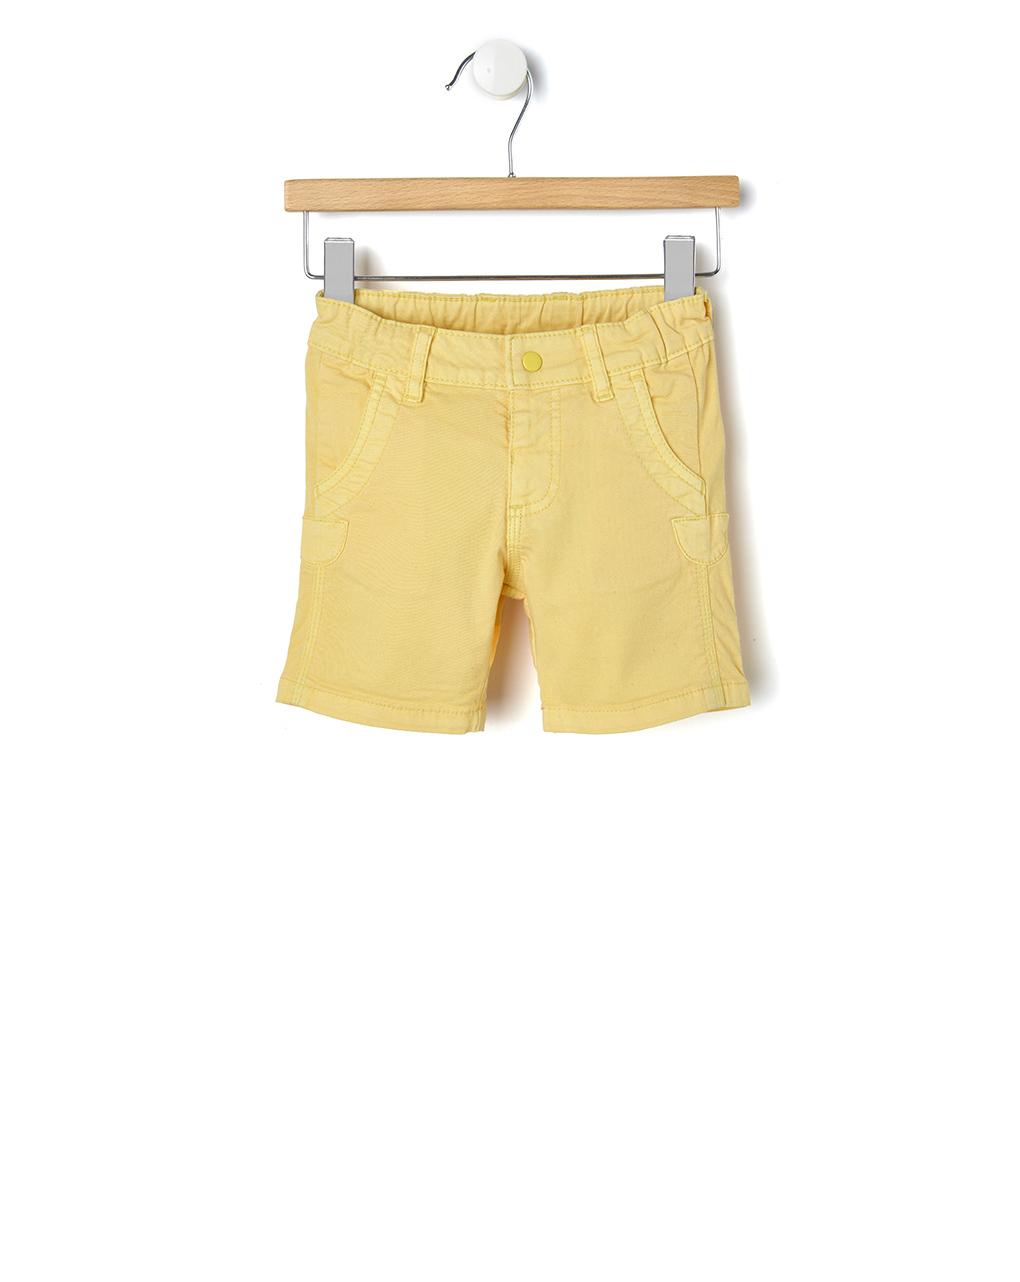 Βερμούδα Twill Κίτρινη με Ρεβέρ για Αγόρι